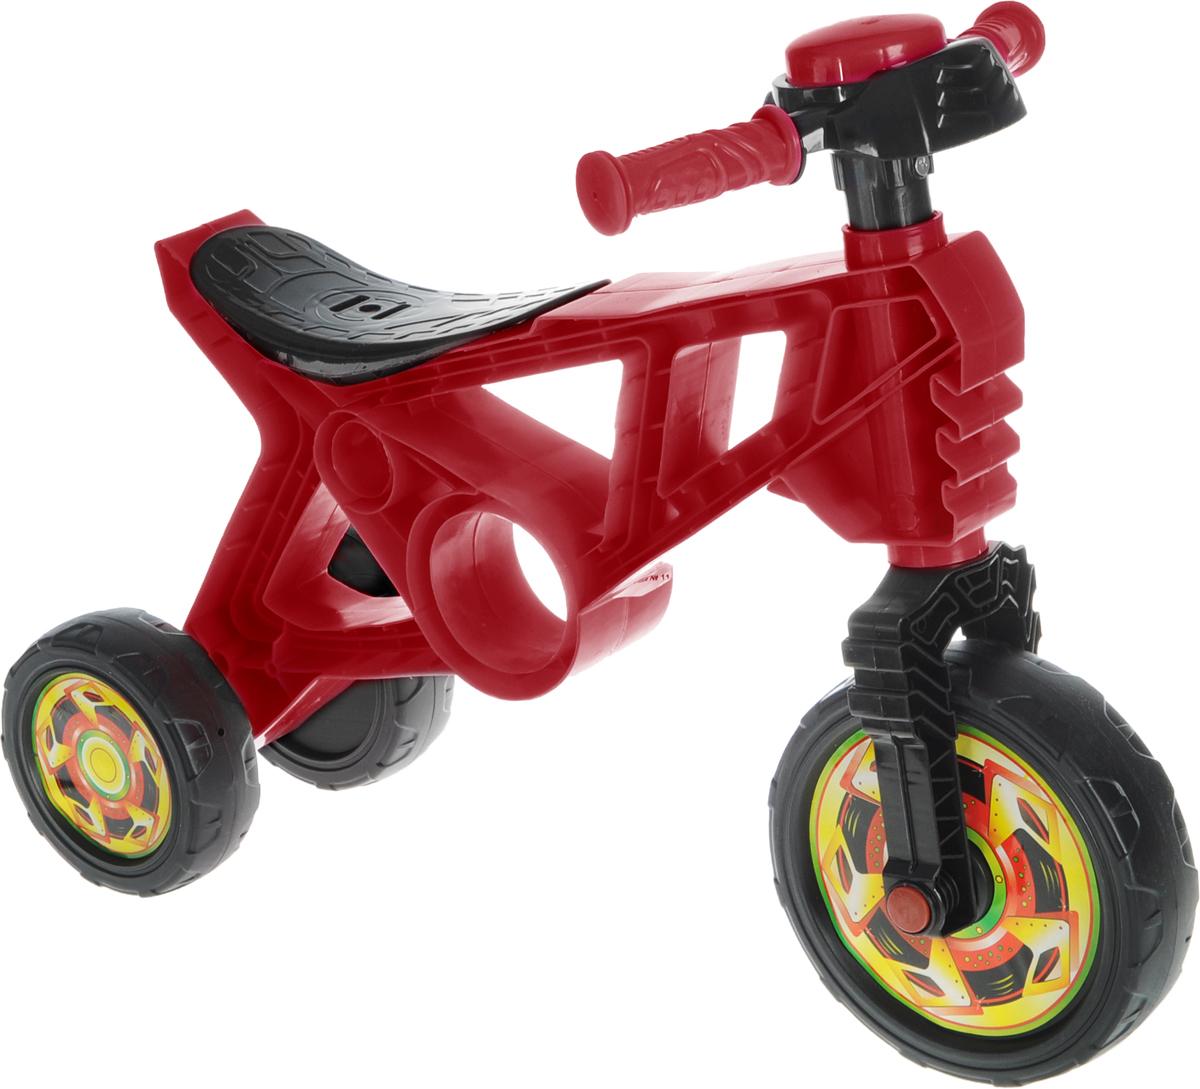 Орион Беговел детский 3-х колесный цвет красный